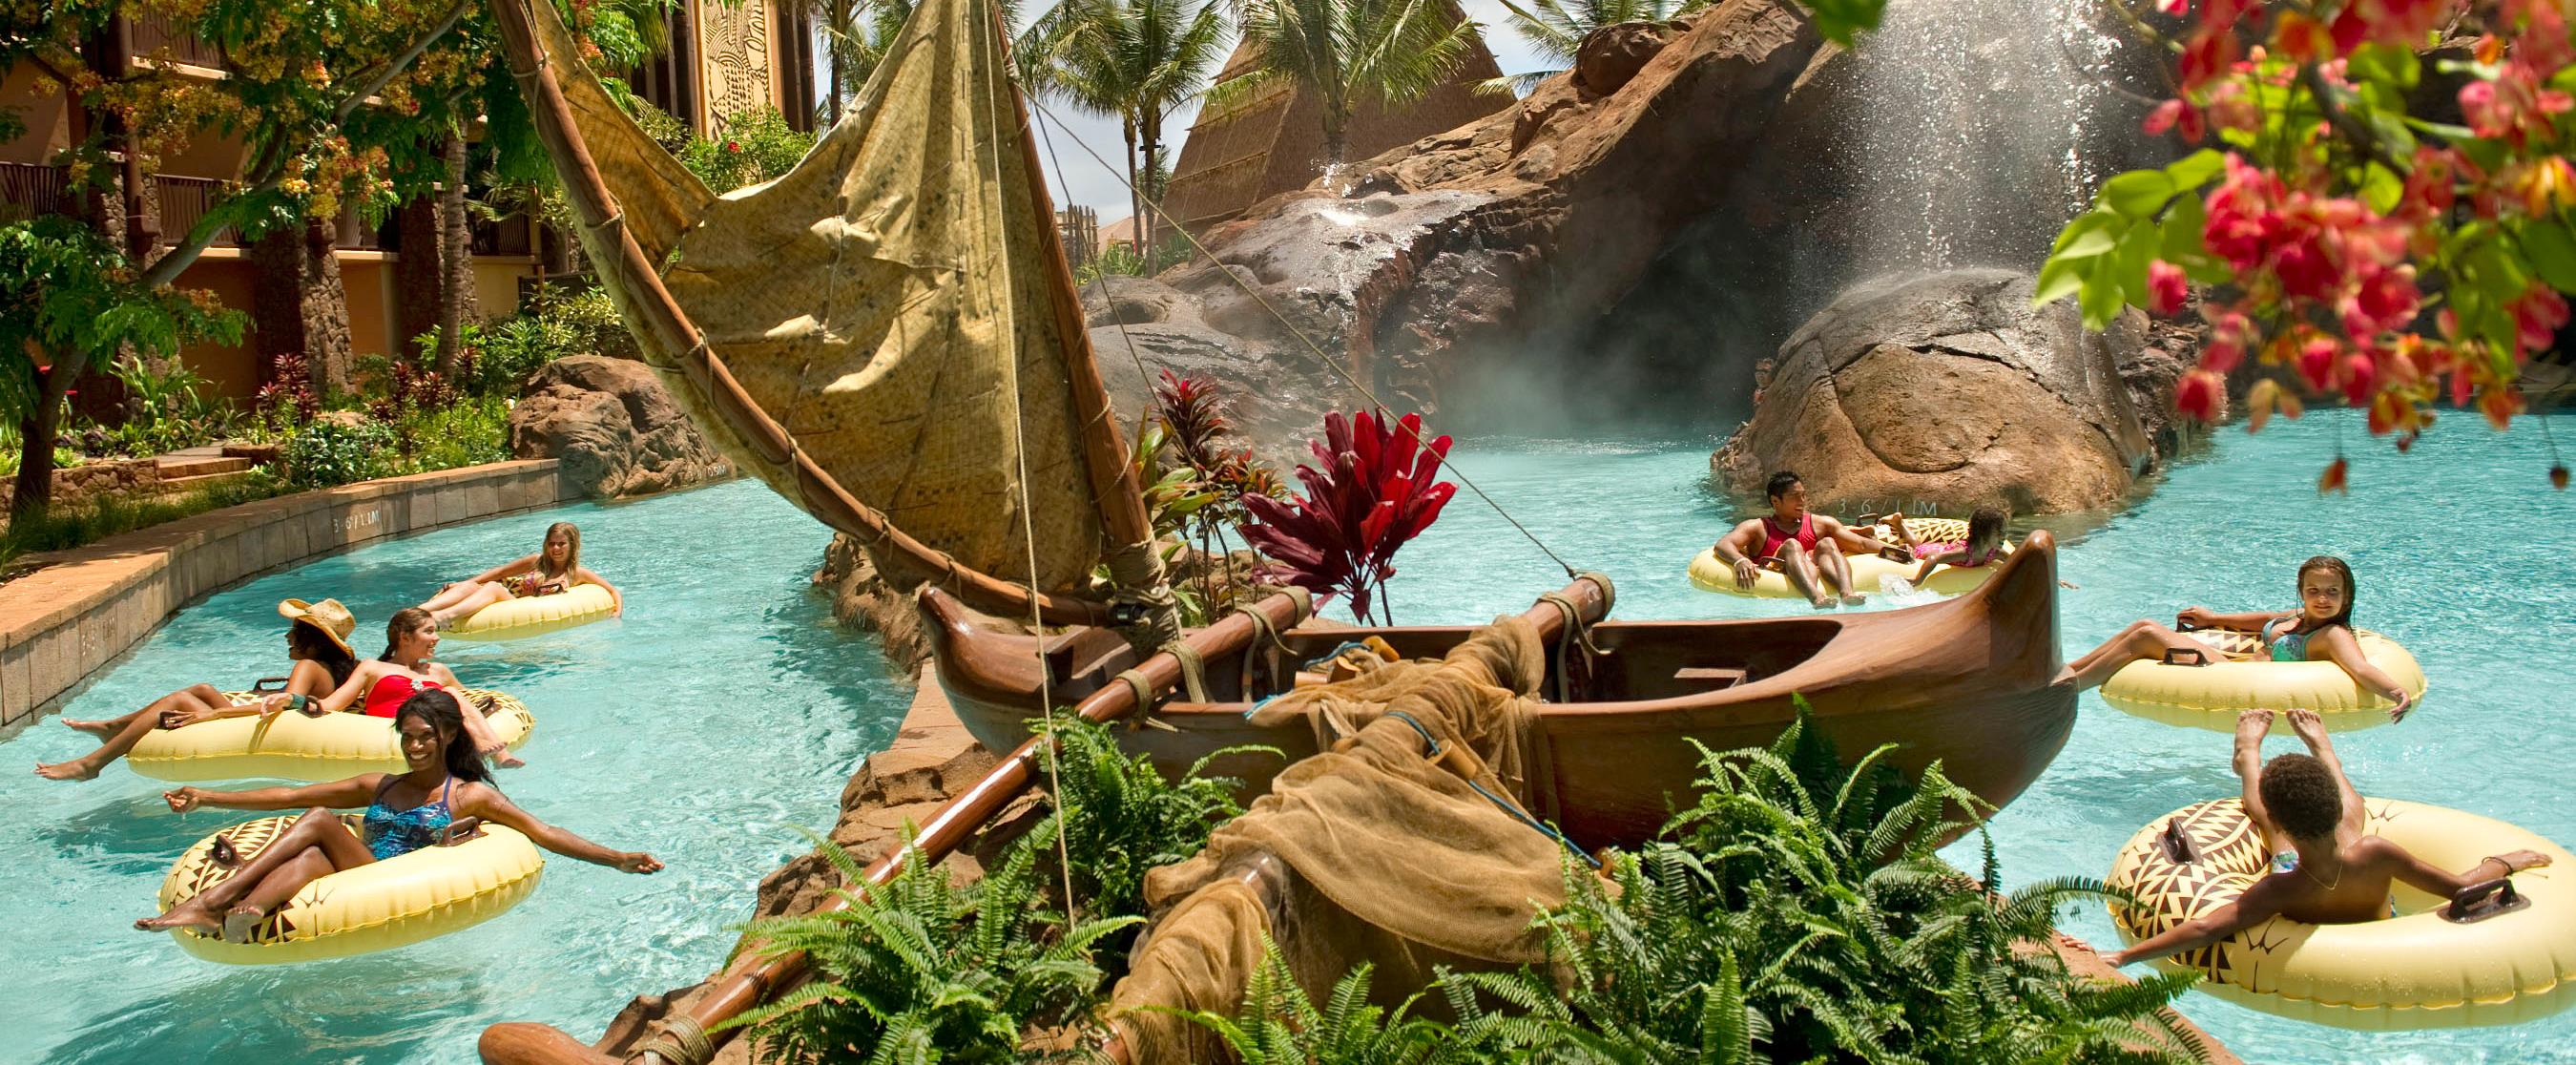 アウラニのプール・エリアでチューブに乗って流れるプールを楽しむゲスト